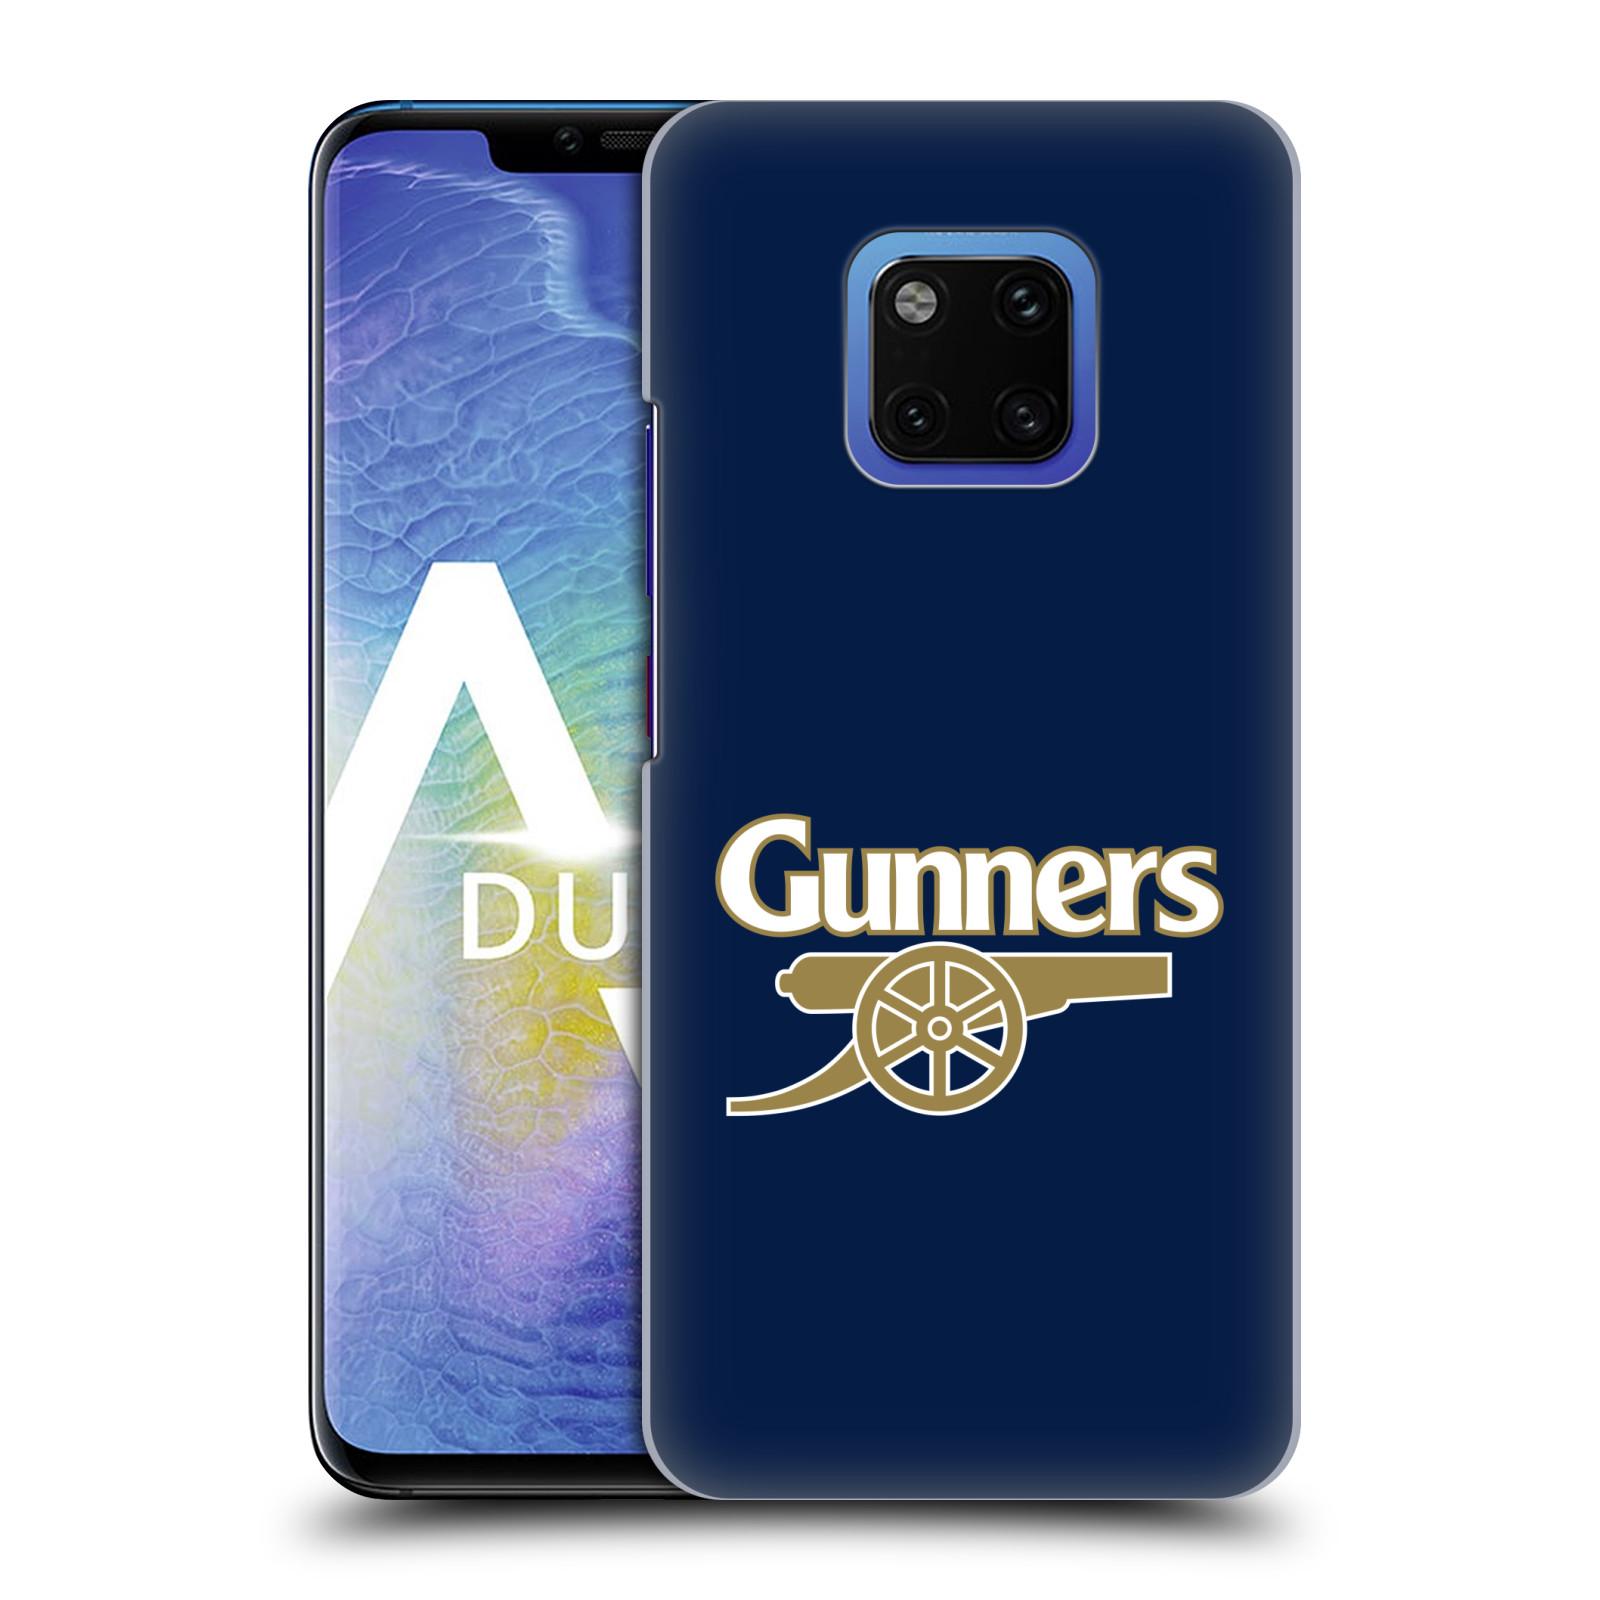 Plastové pouzdro na mobil Huawei Mate 20 Pro - Head Case - Arsenal FC - Gunners